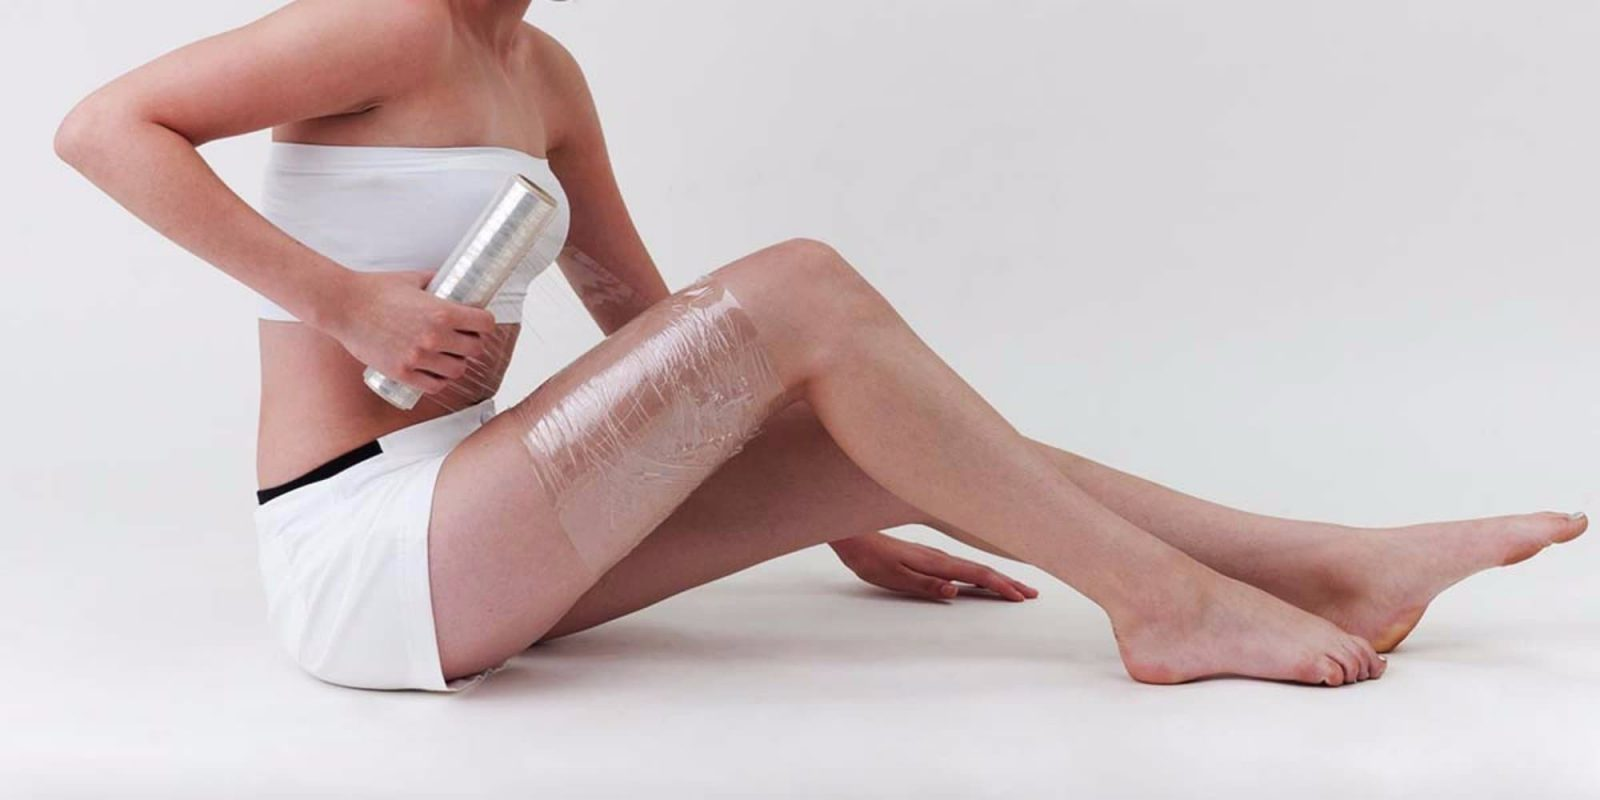 Средства для обертывания тела: профессиональная косметика для похудения. Самые лучшие смеси, маски, гели и кремы